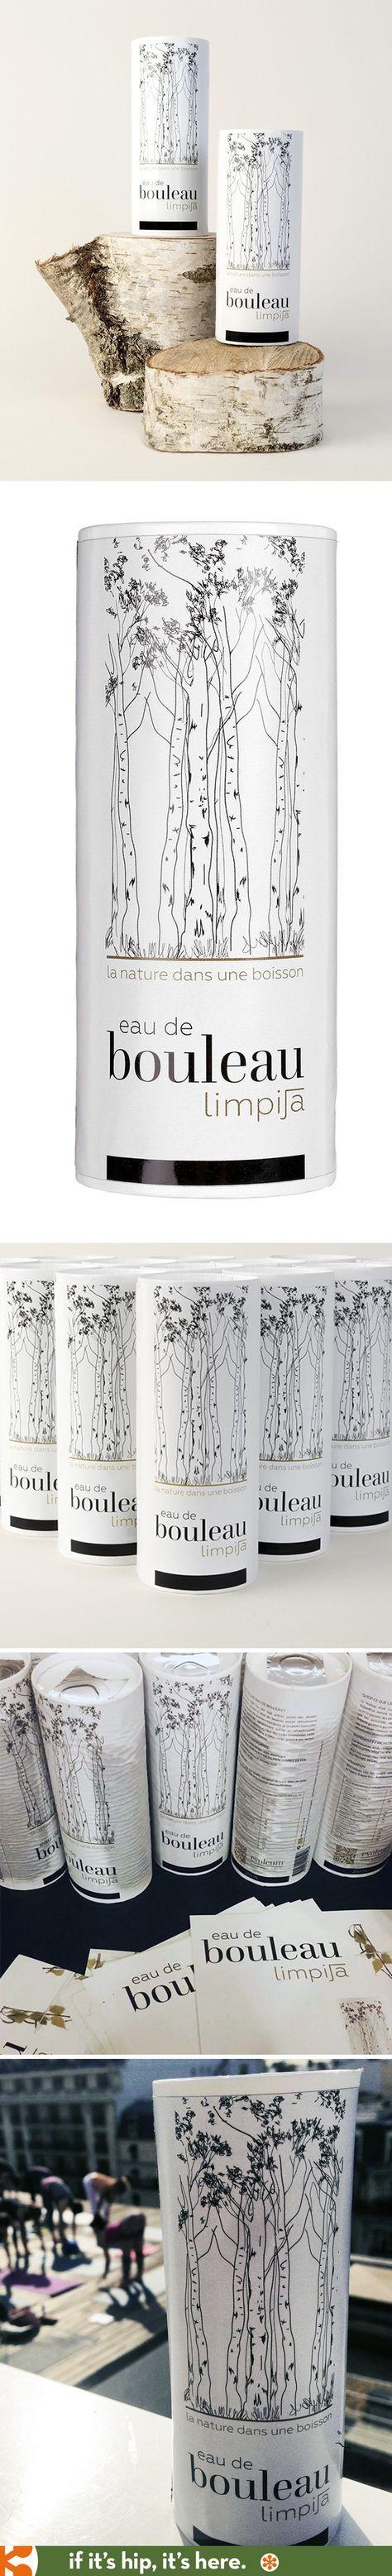 Limpija Eau de Bouleau (Birch Water from Finland) by Evoleum